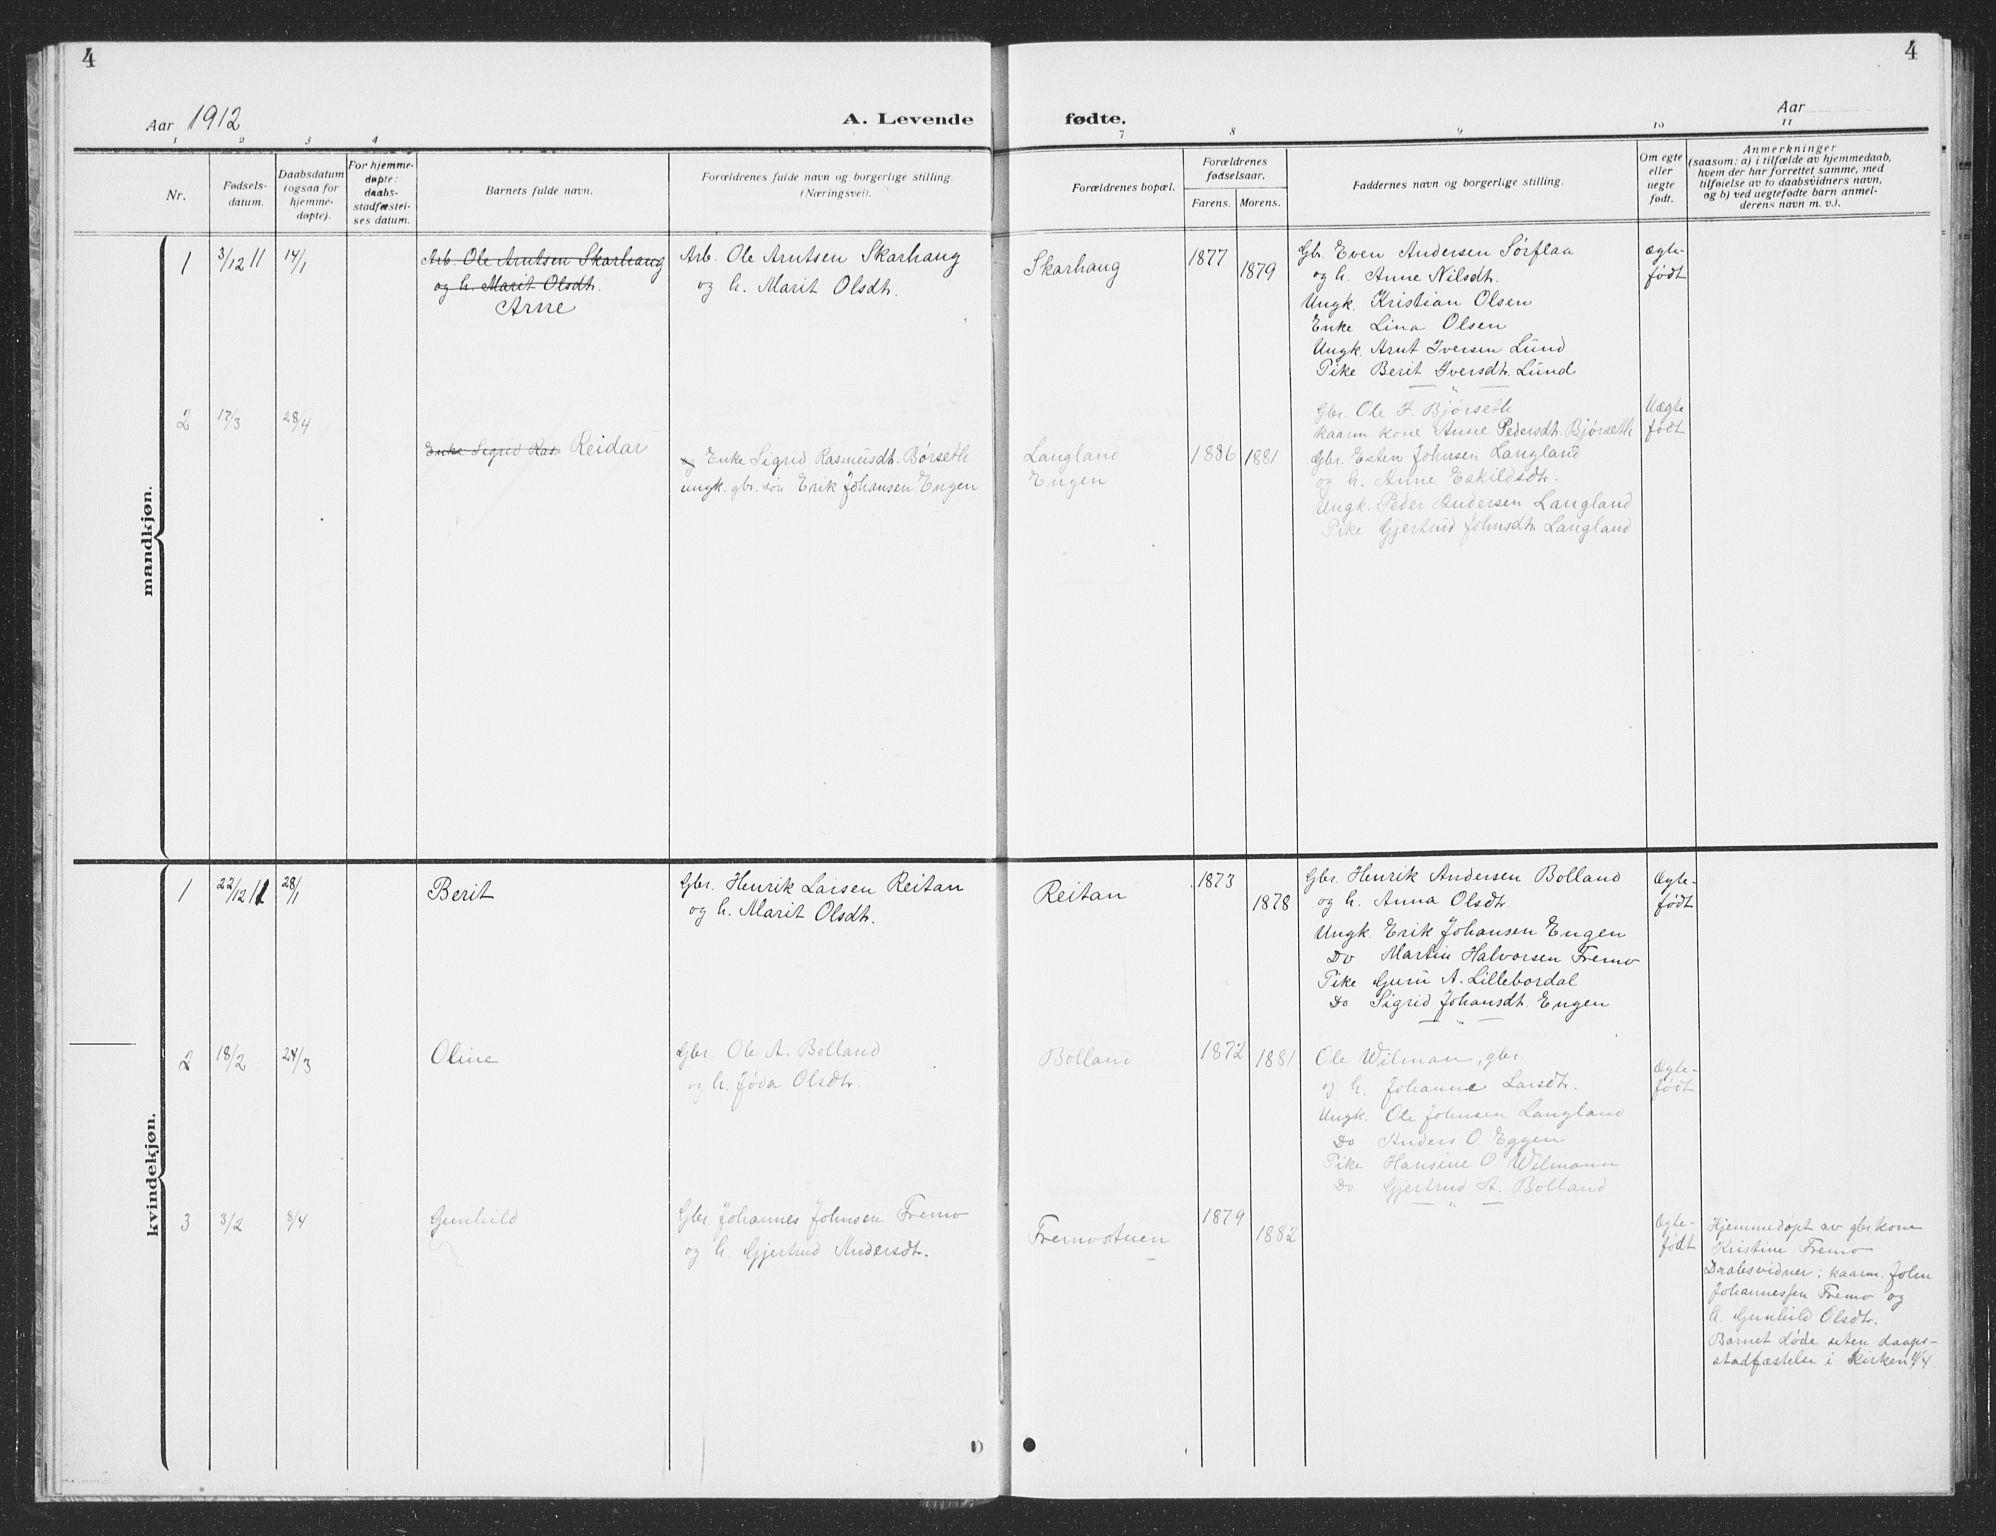 SAT, Ministerialprotokoller, klokkerbøker og fødselsregistre - Sør-Trøndelag, 693/L1124: Klokkerbok nr. 693C05, 1911-1941, s. 4